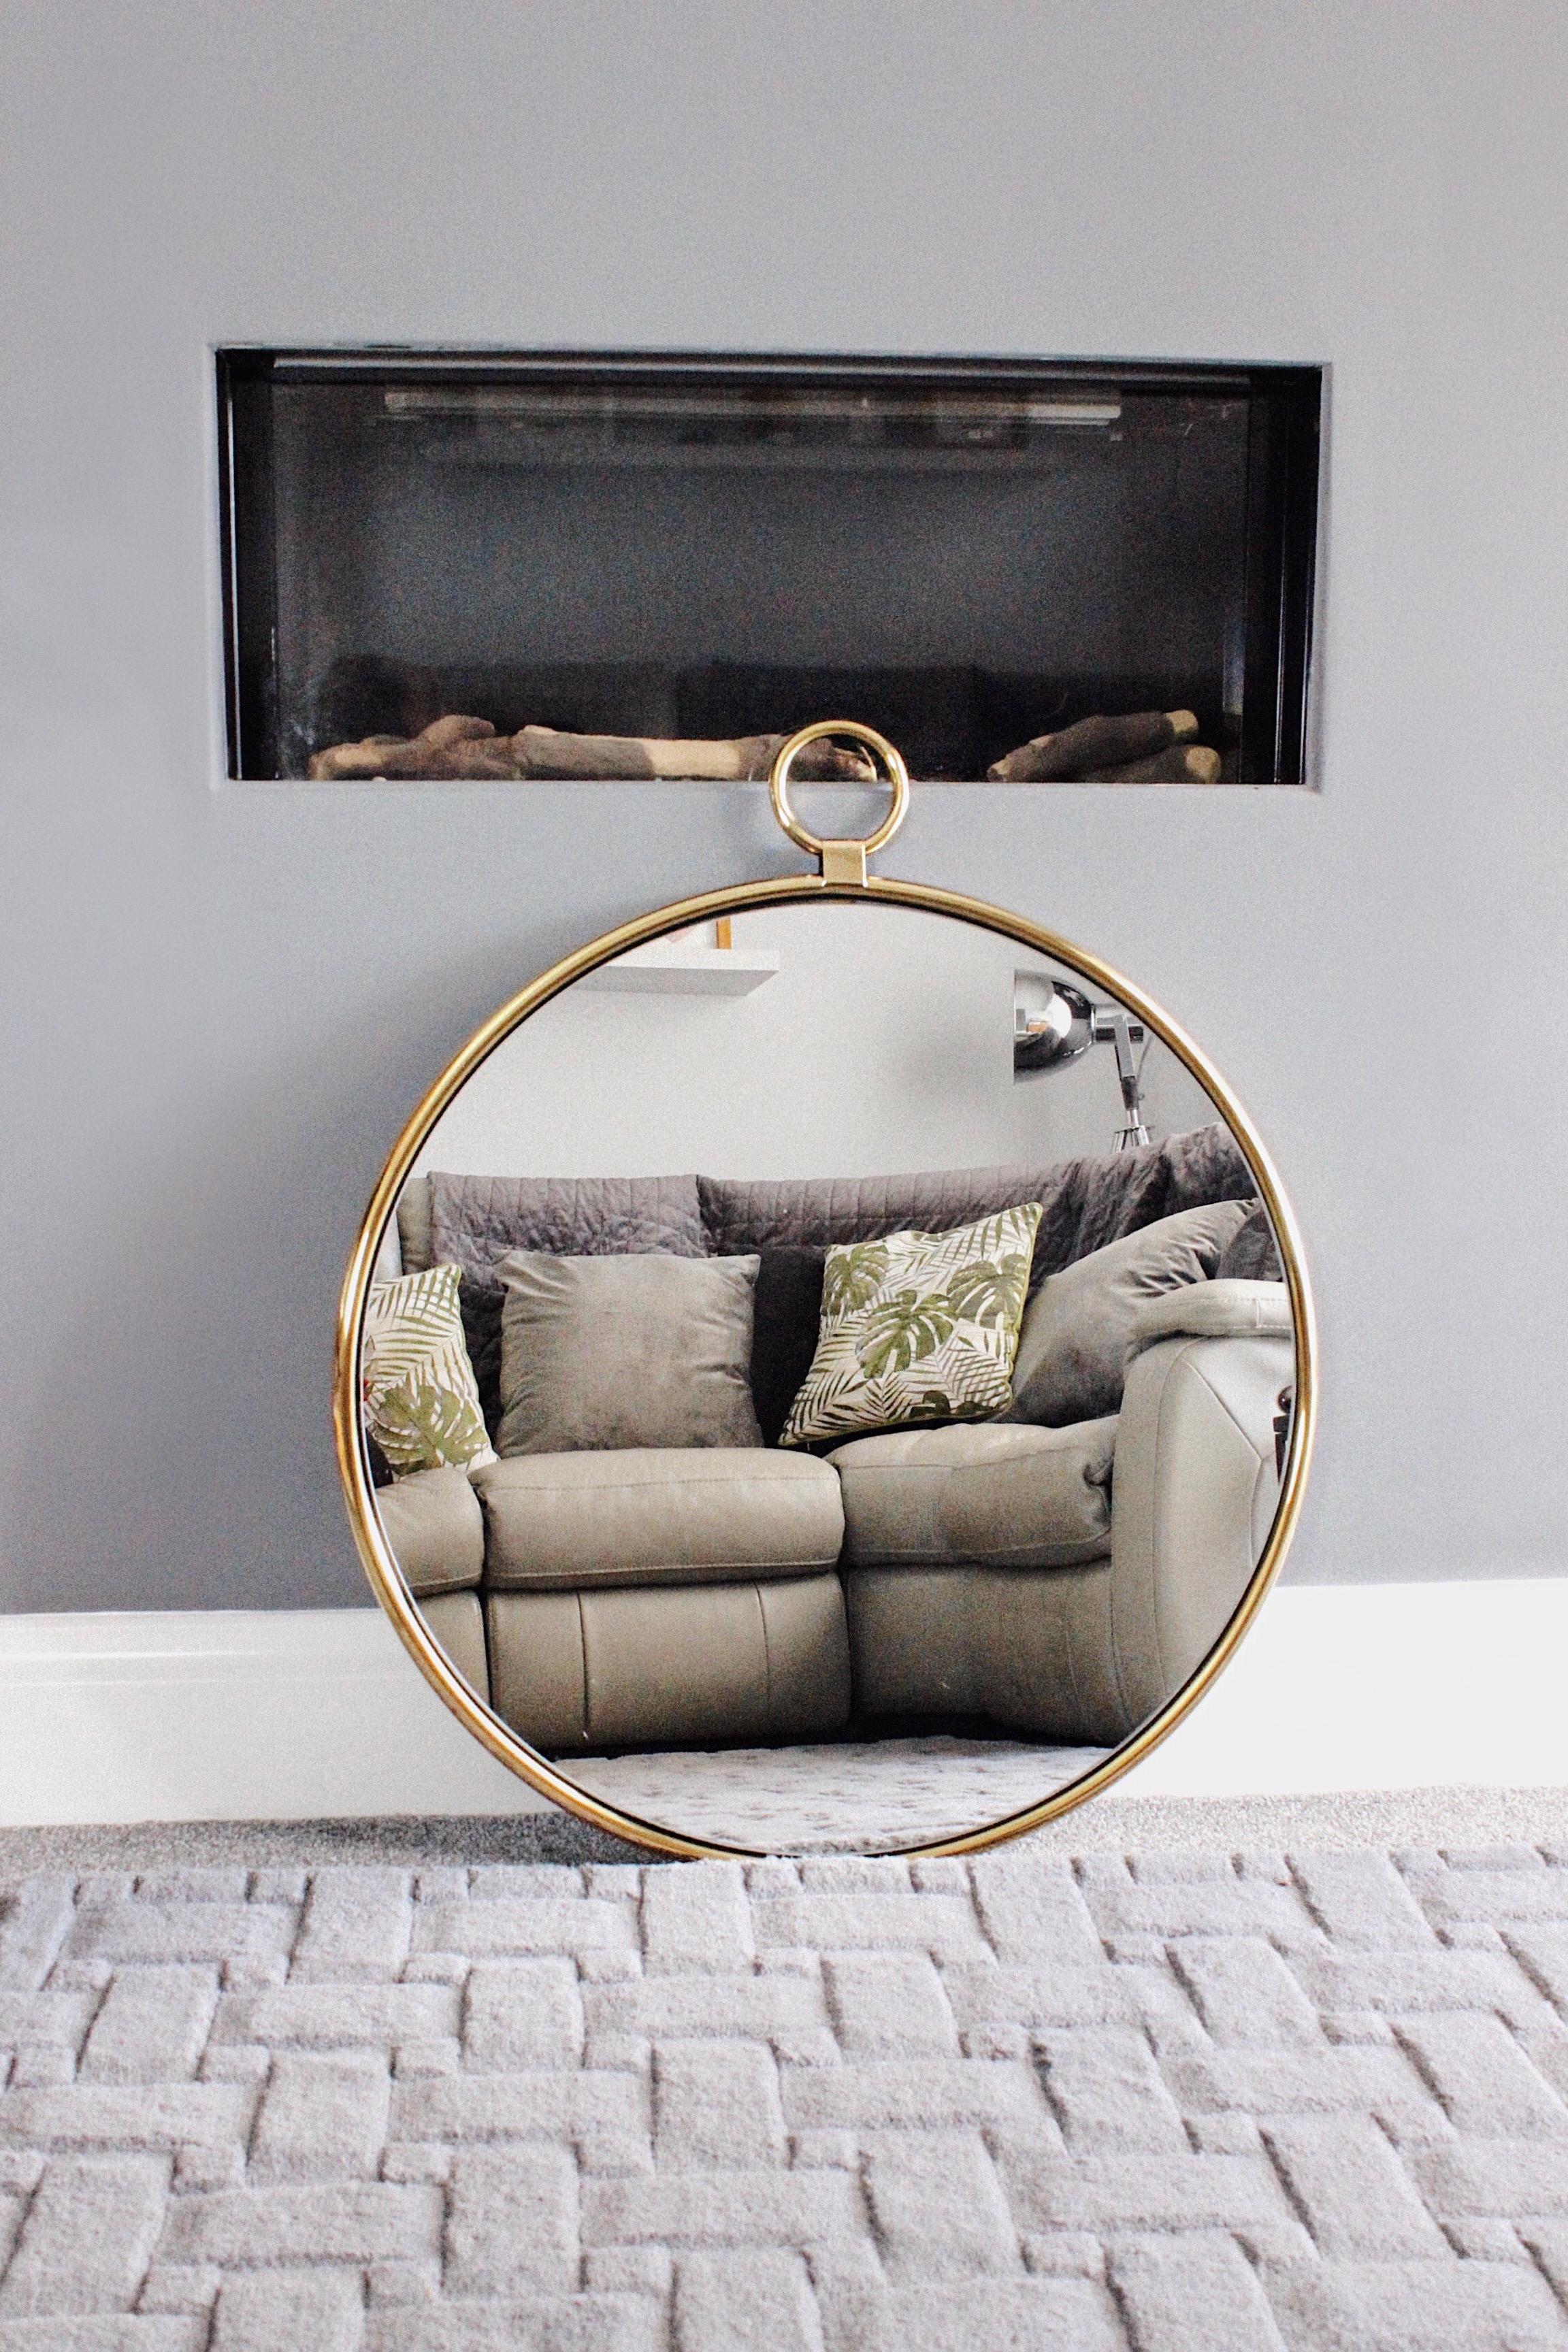 Next Circular Hanging Mirror